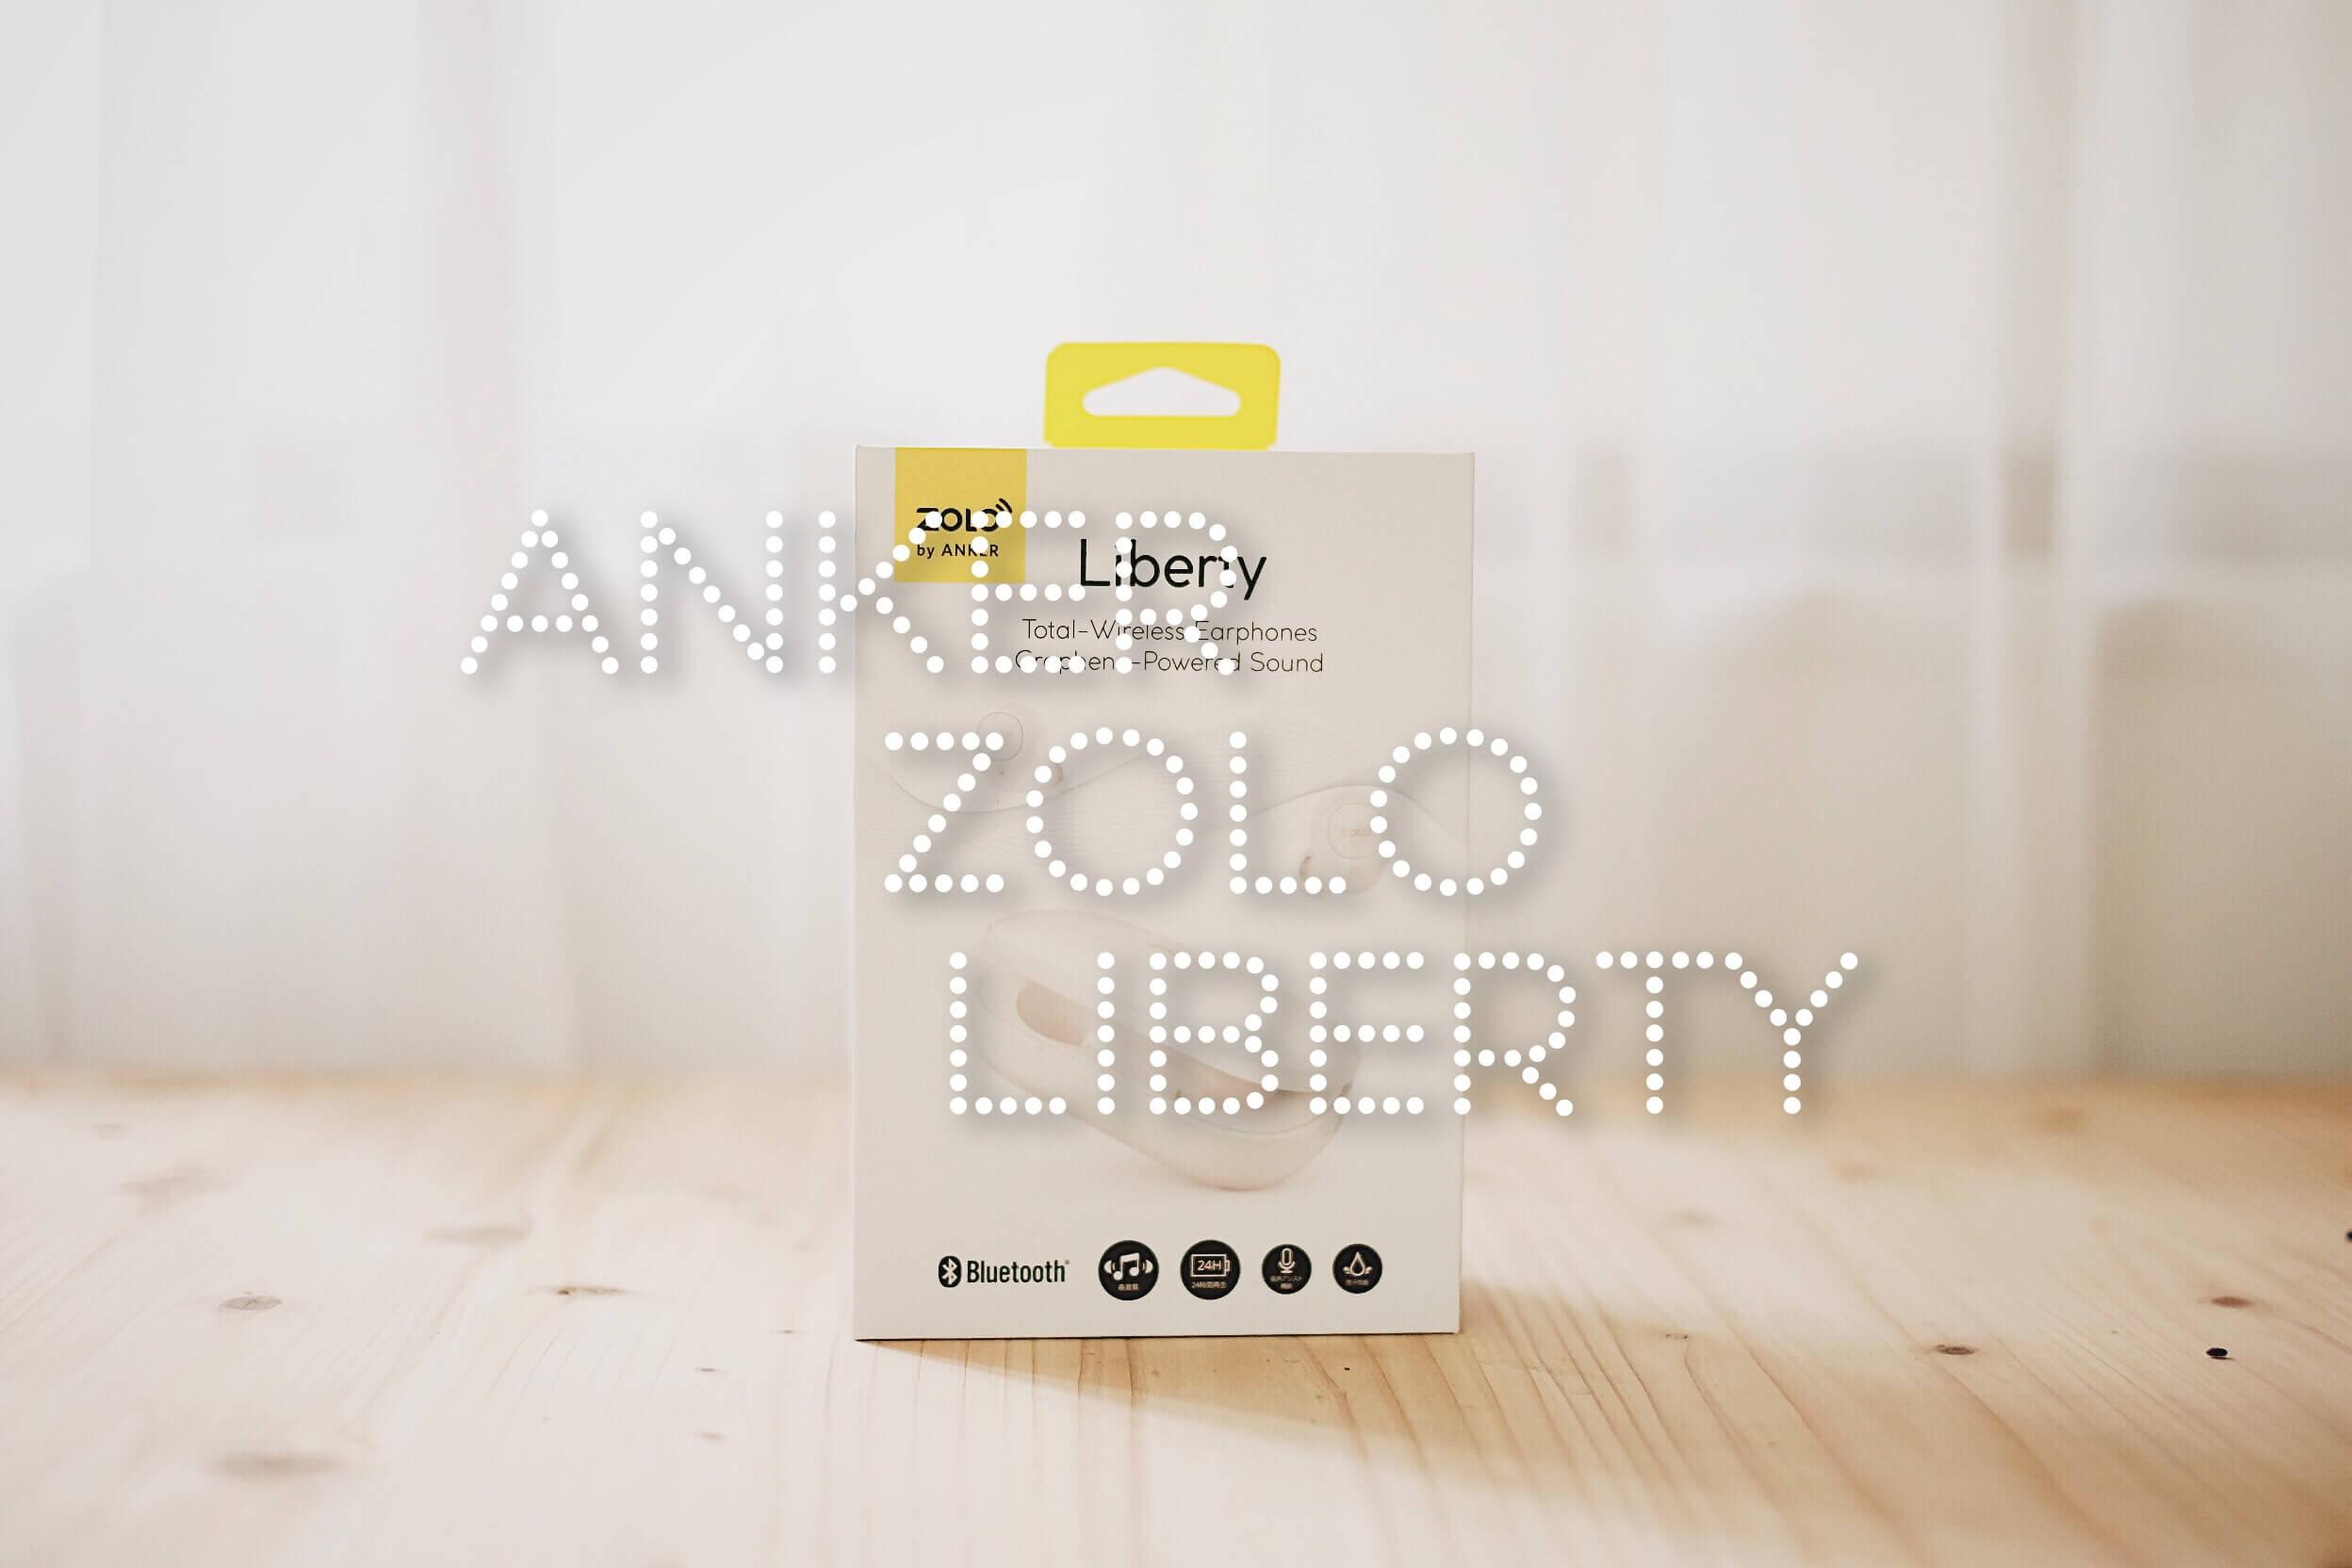 【レビュー】ANKERの完全独立型Bluetoothイヤホン「ゾロリバティー」ホワイト買ったよ